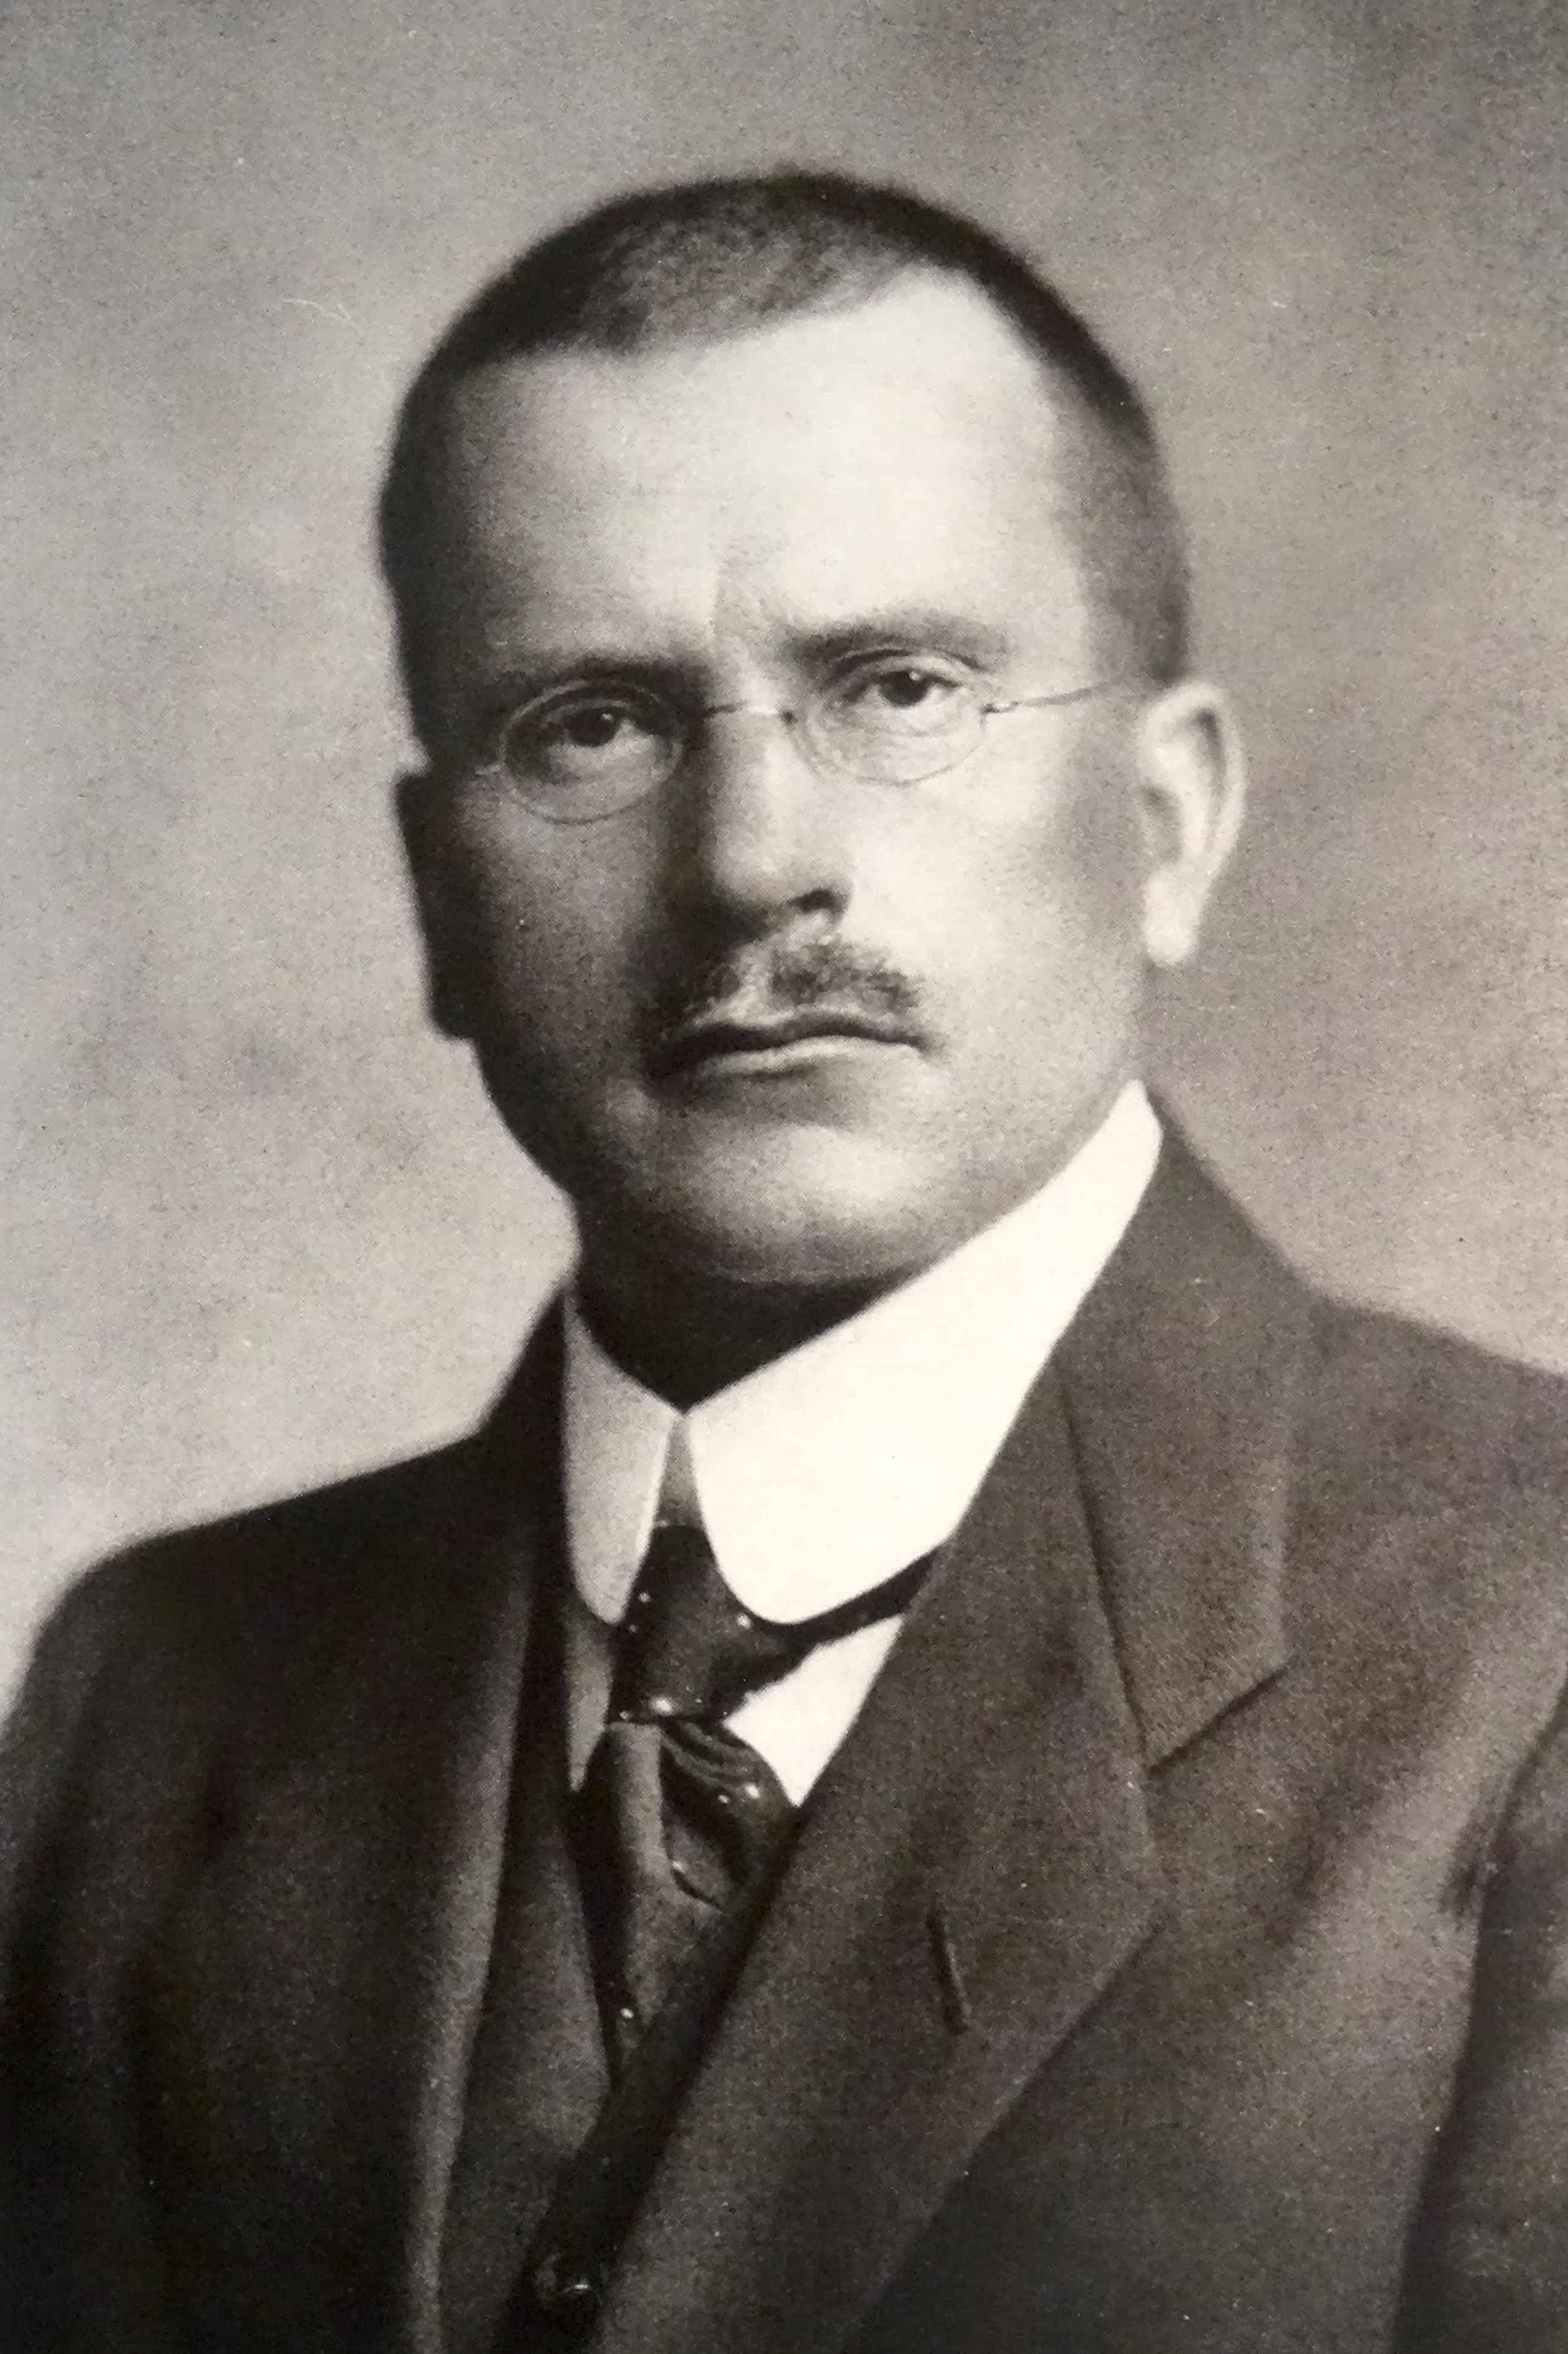 психолог Карл Густав Юнг